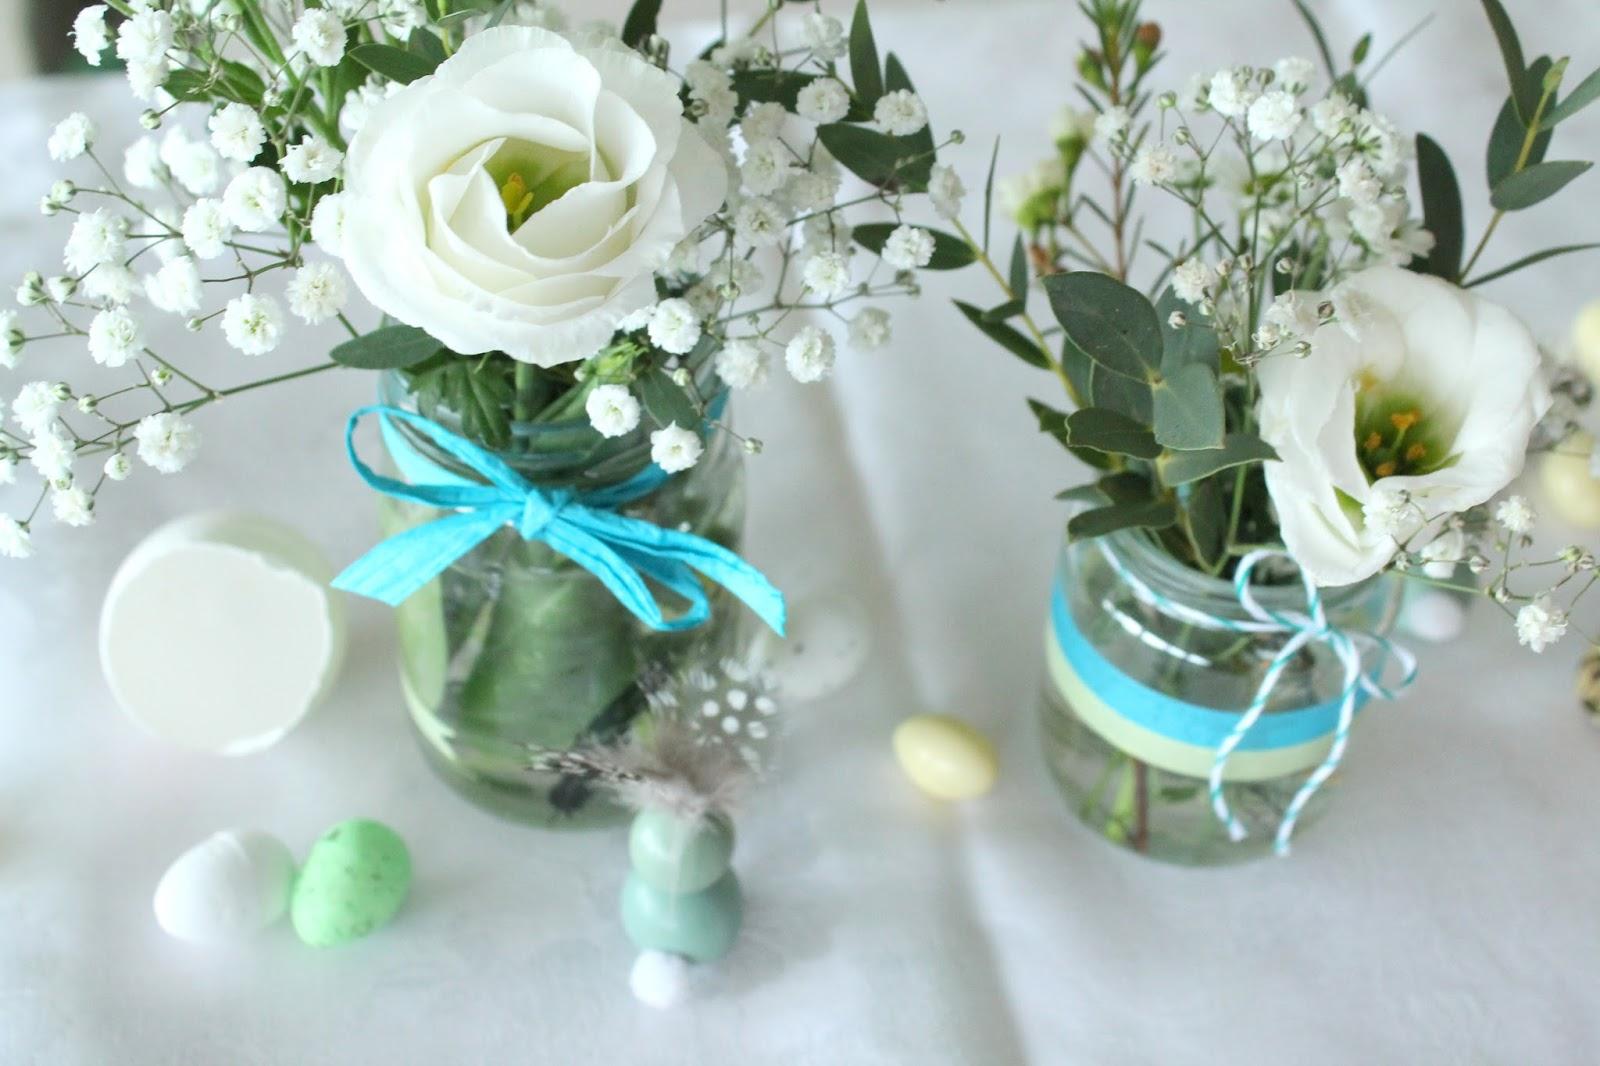 Blumen Tischdekoration Geburtstag Tischdekoration Hochzeit Blumen